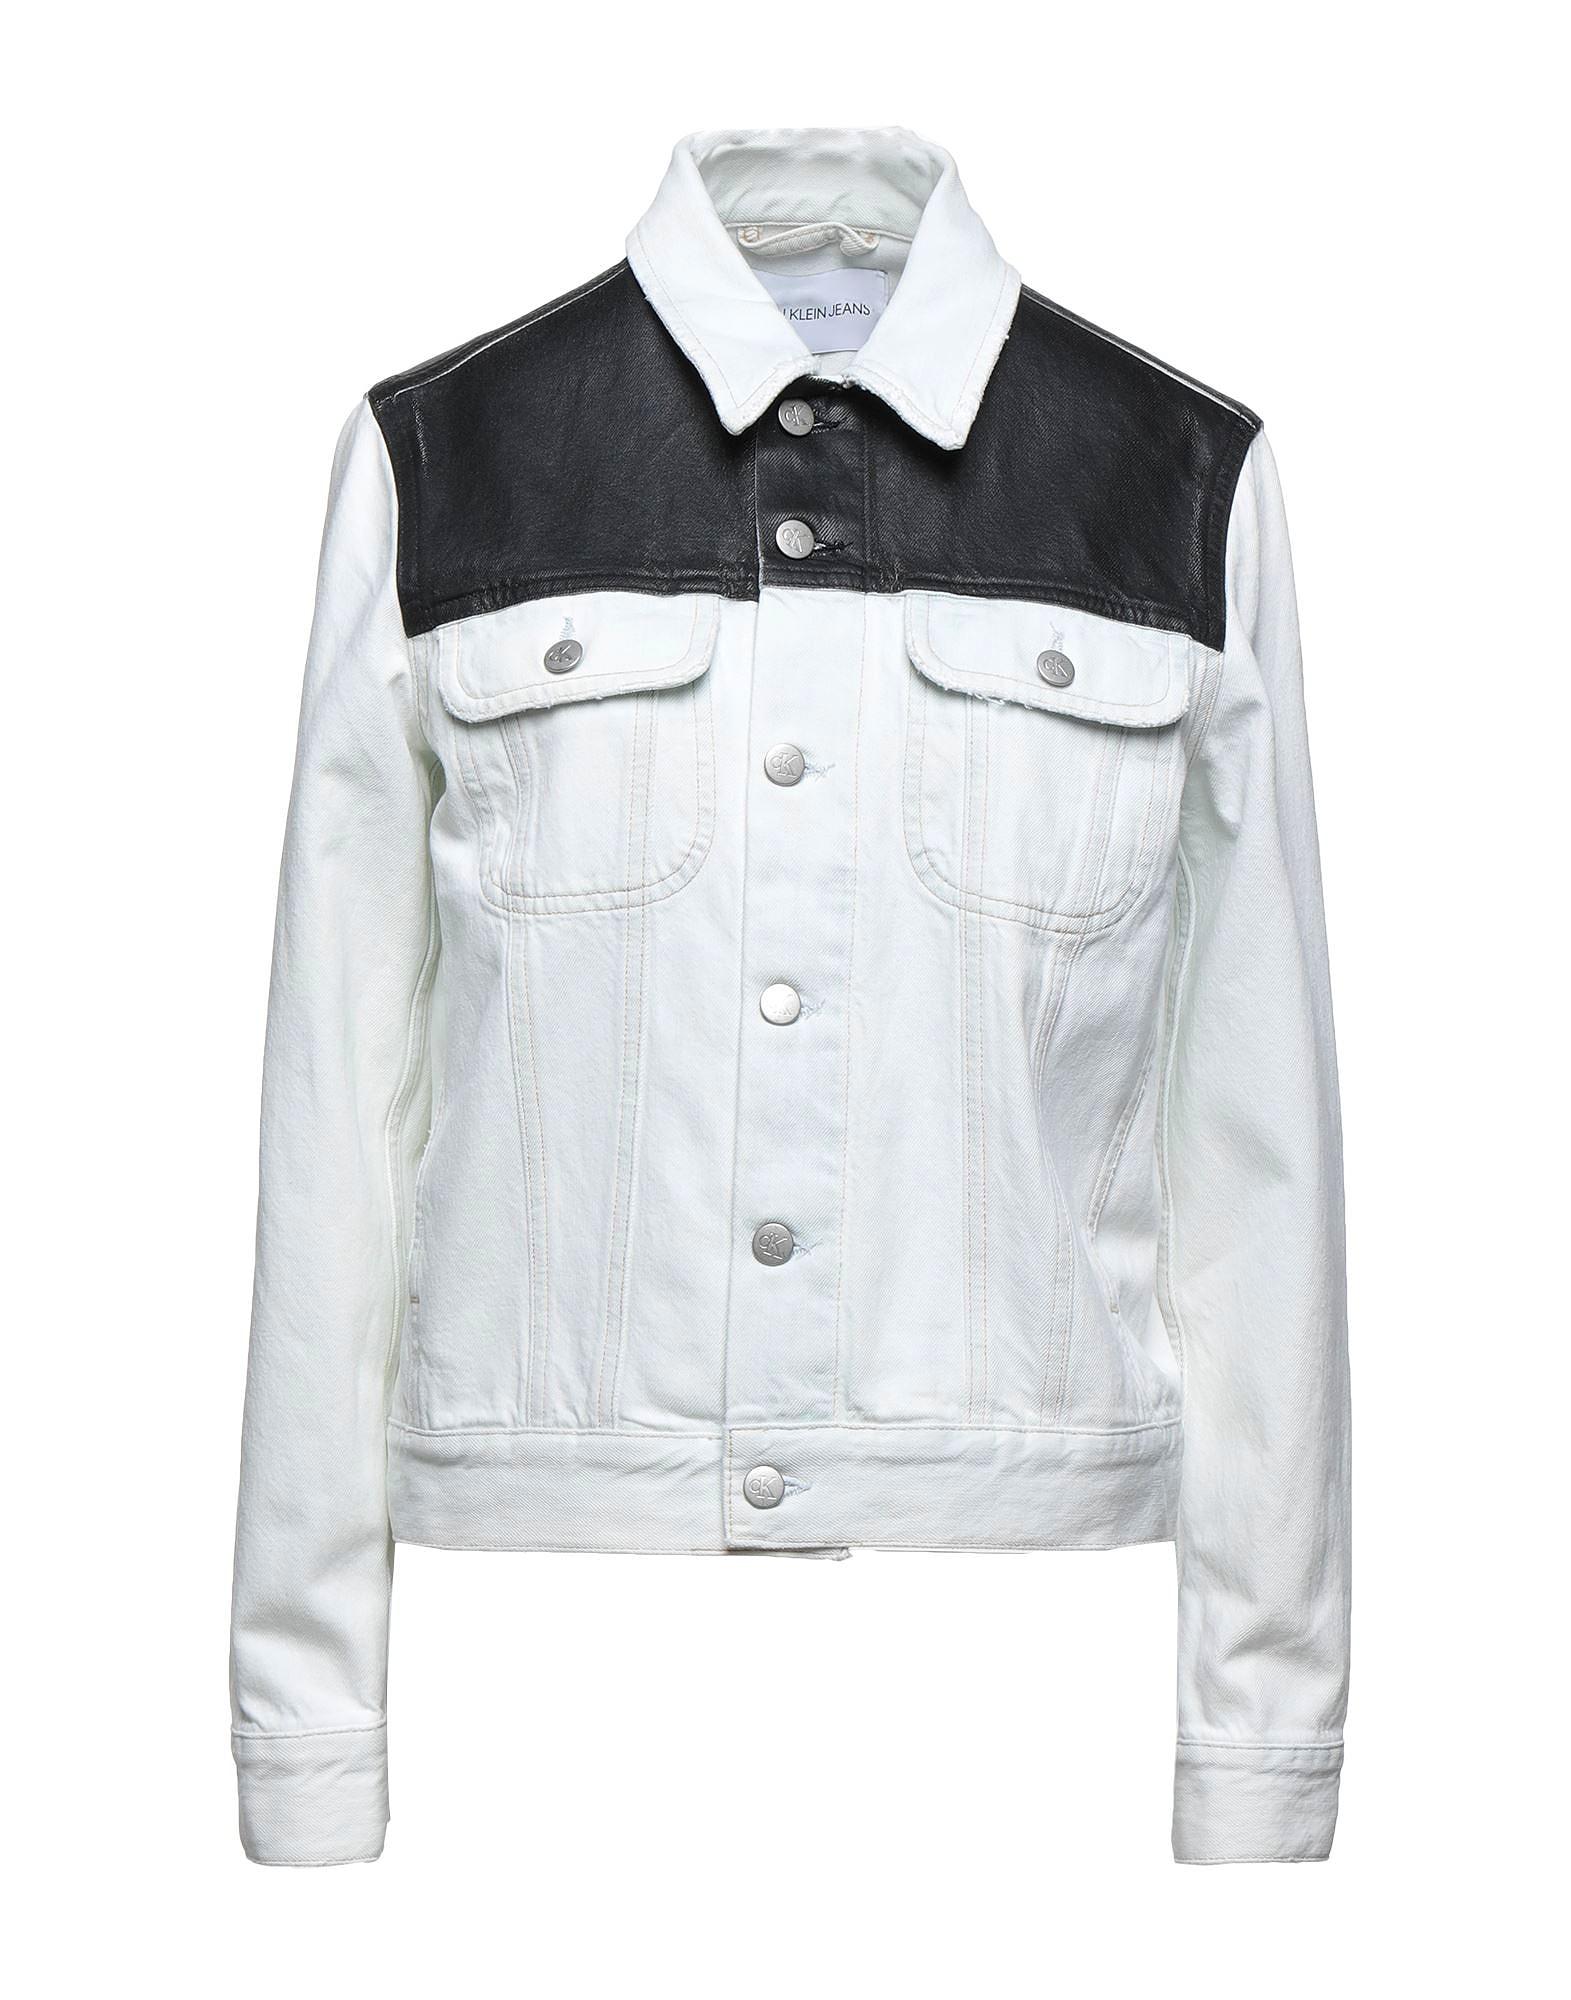 Τζιν jacket με γυαλιστερή όψη